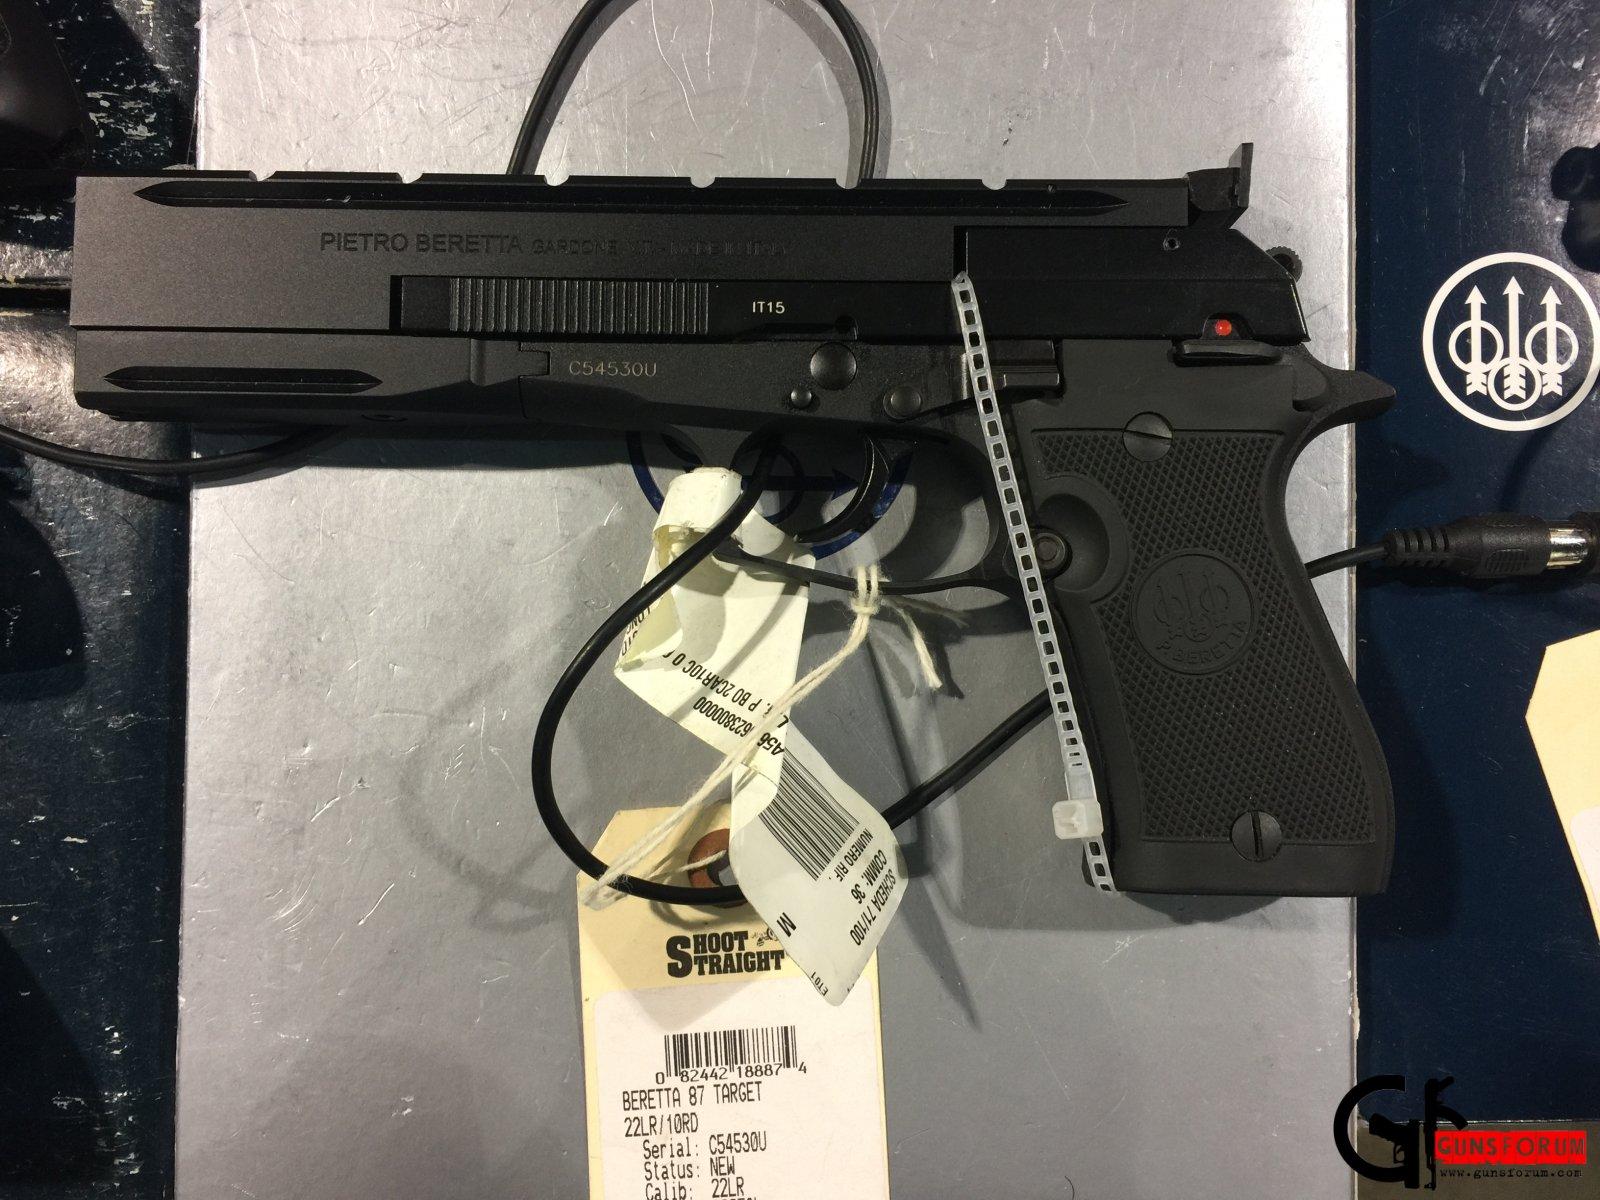 Beretta 87 Target .22LR pistol